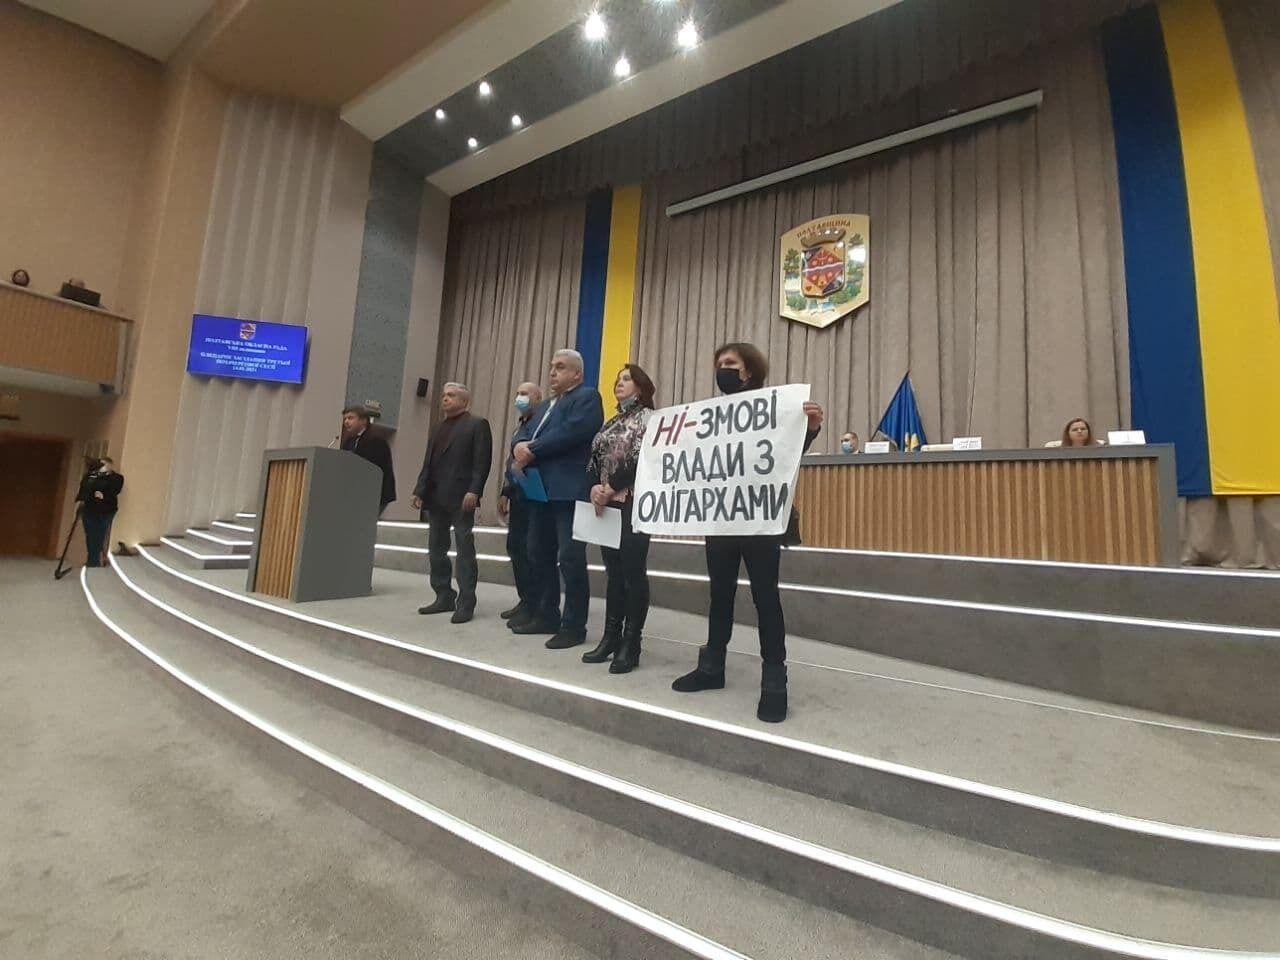 Инициативная группа обратилась в Полтавский облсовет по поводу снижения коммунальных тарифов